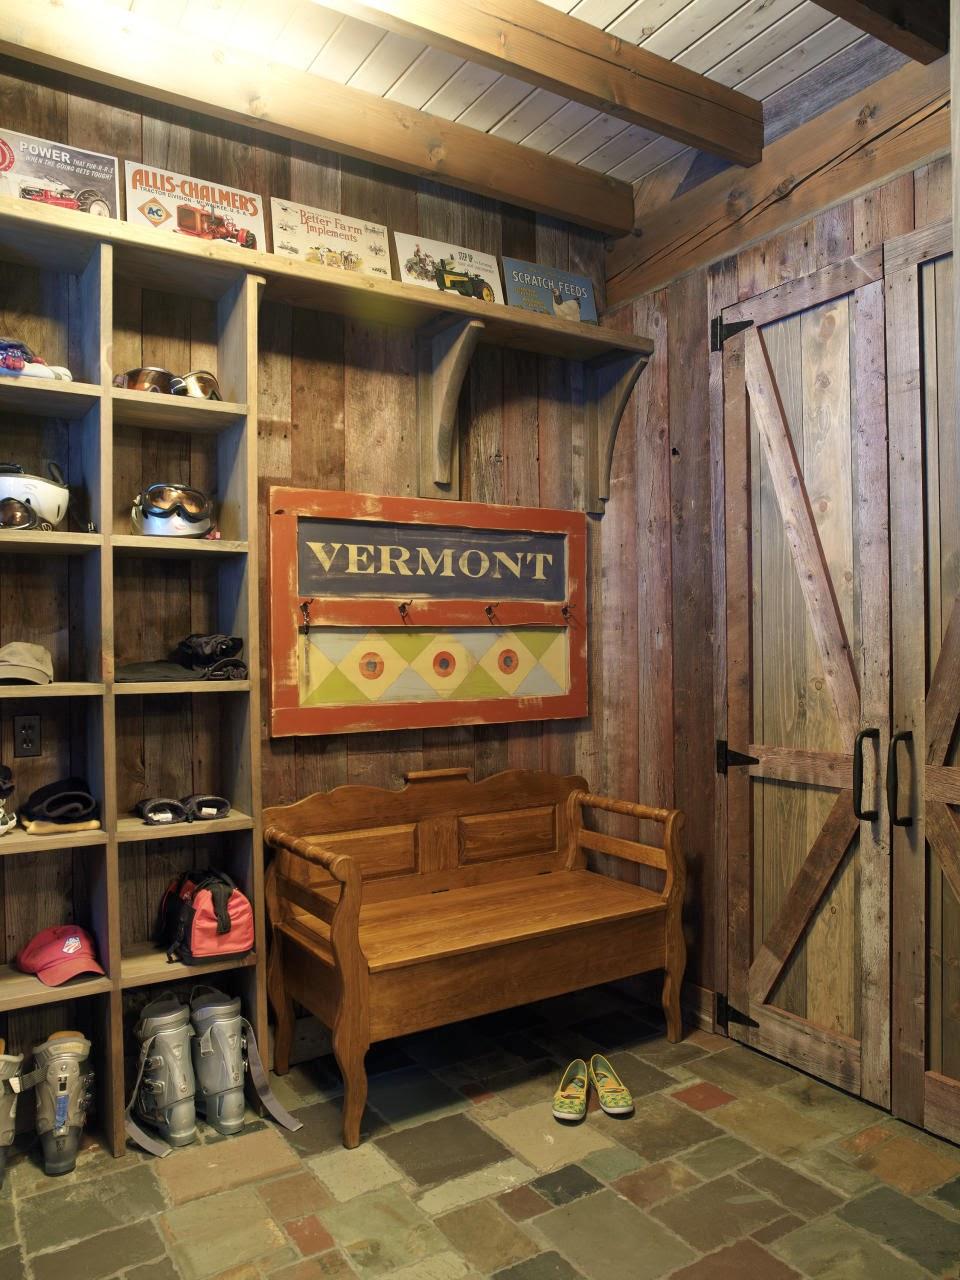 decoracion de interiores madera rustica:imagen favorita en algunos tableros de Pinterest. Es todo de madera